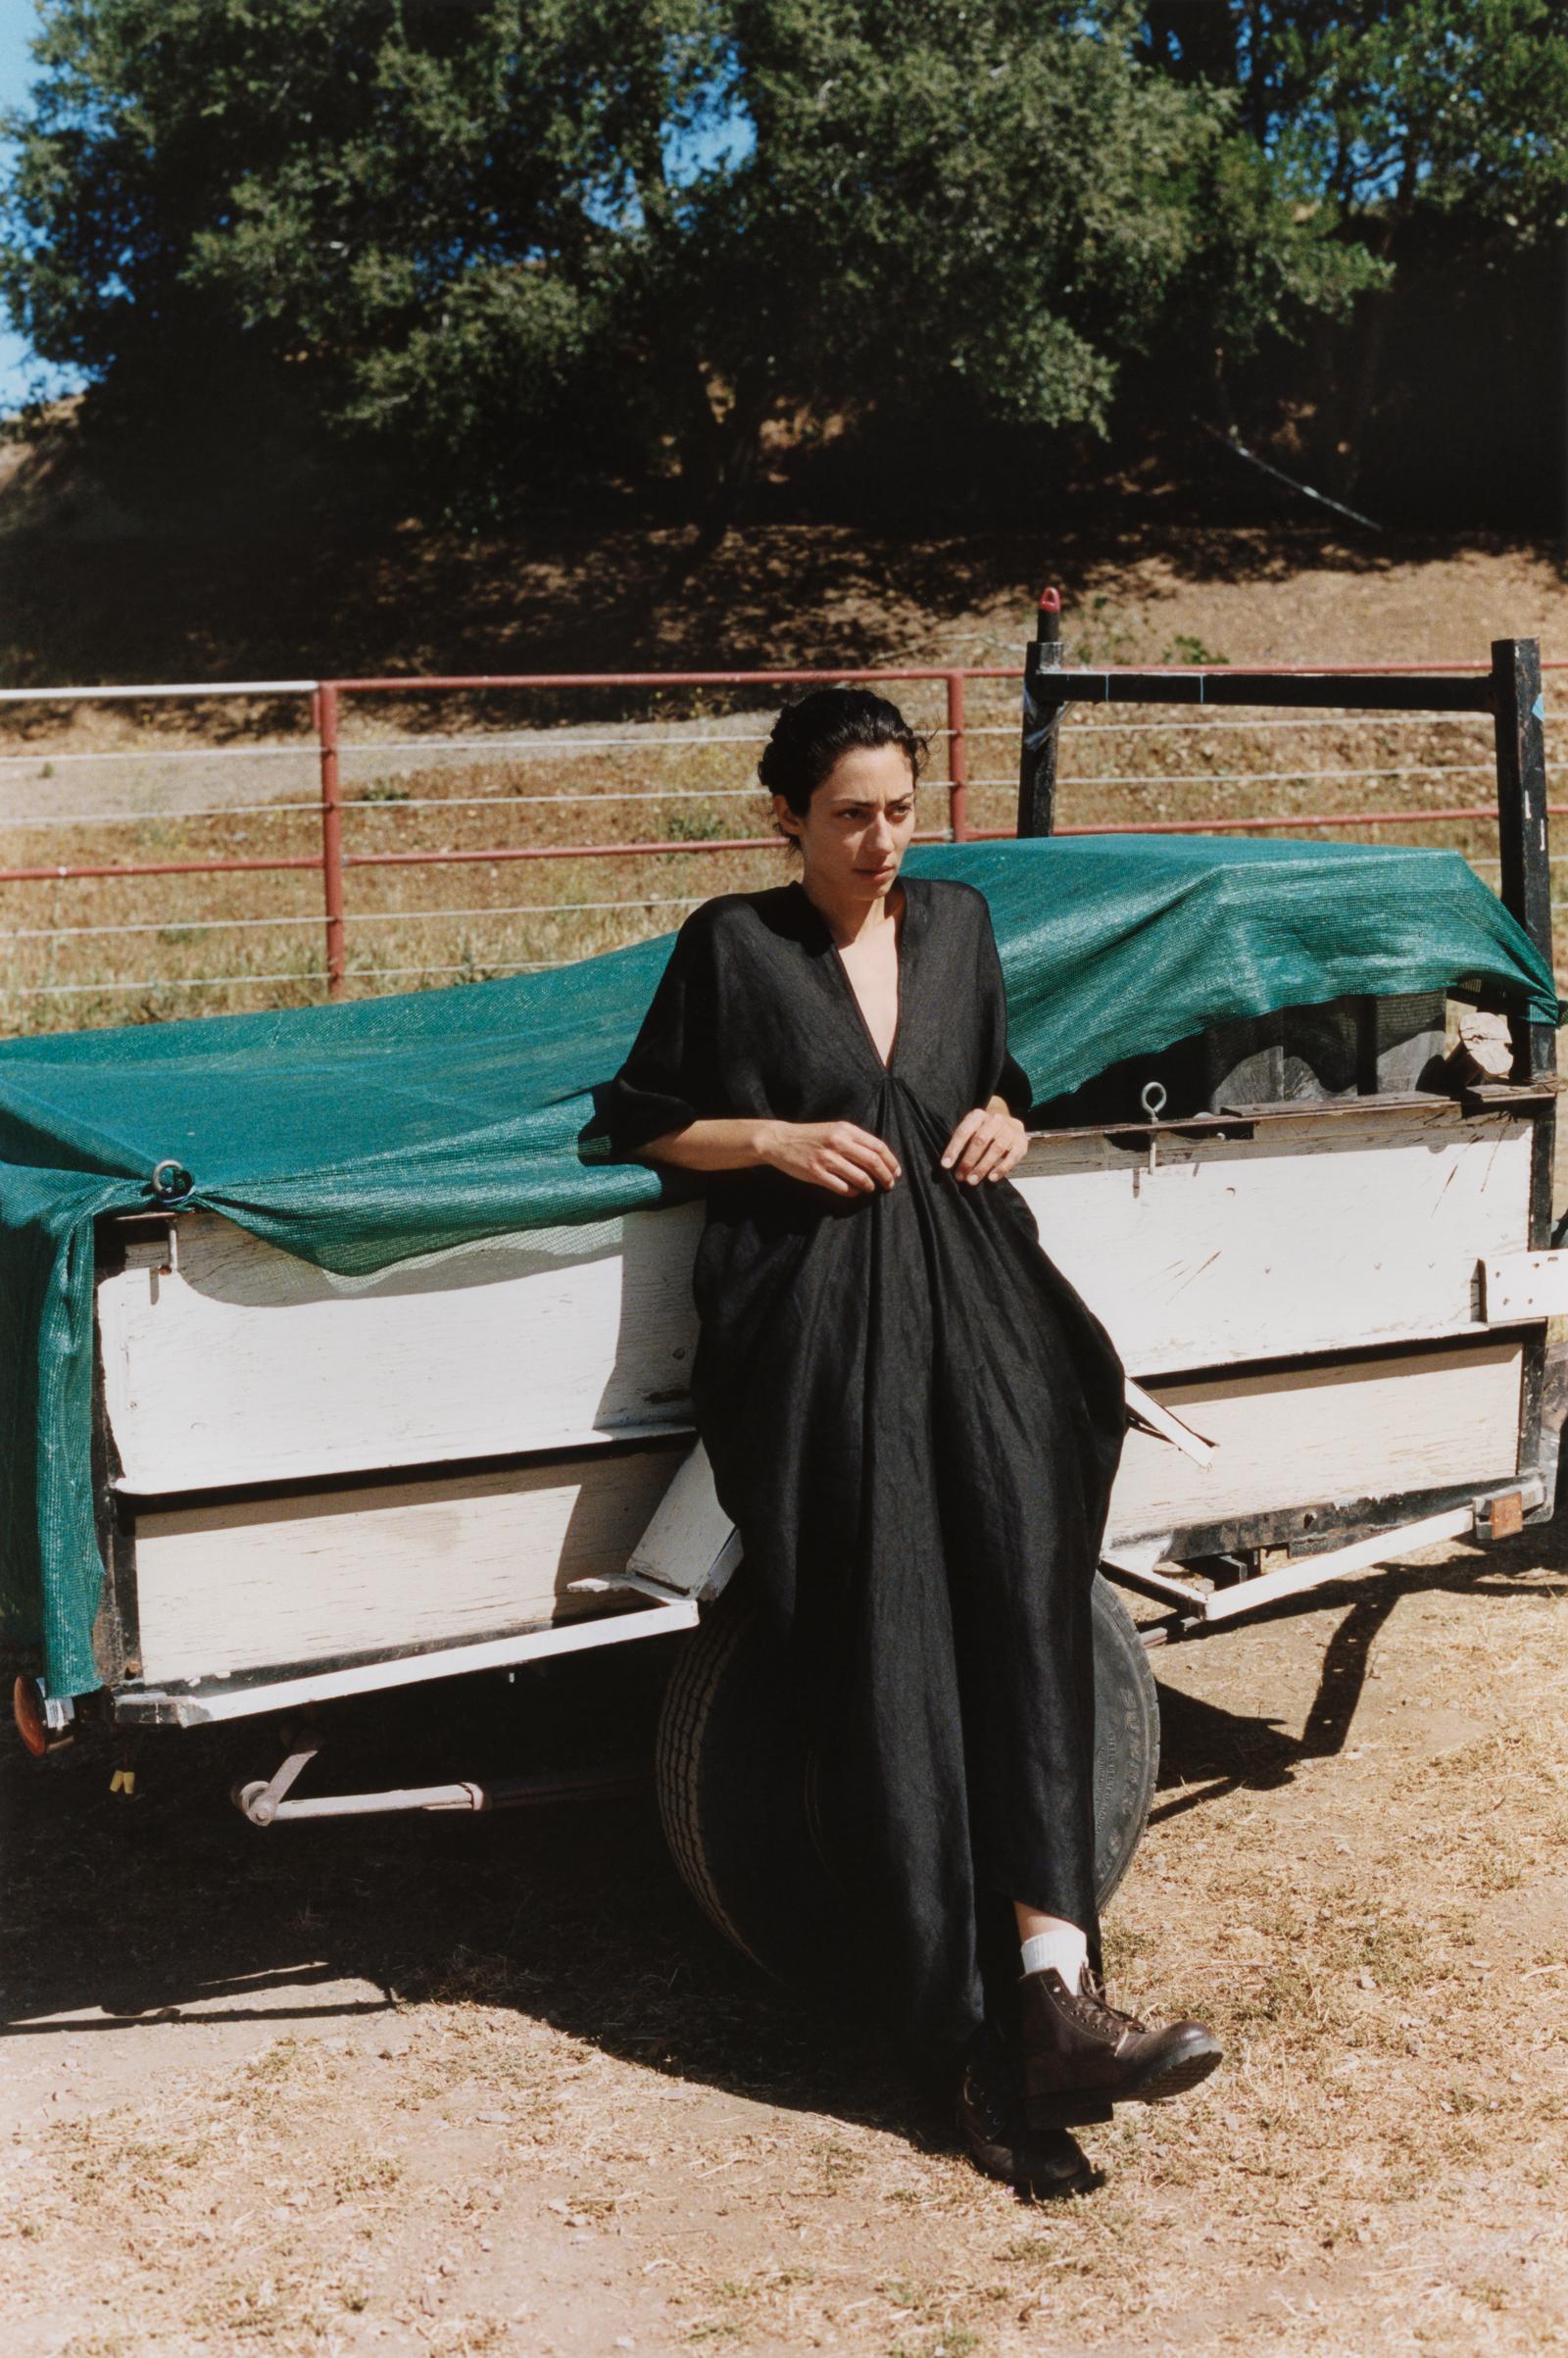 Oversized V-Neck Dress In Organic Linen - Black - by Zoe Gherter for Co